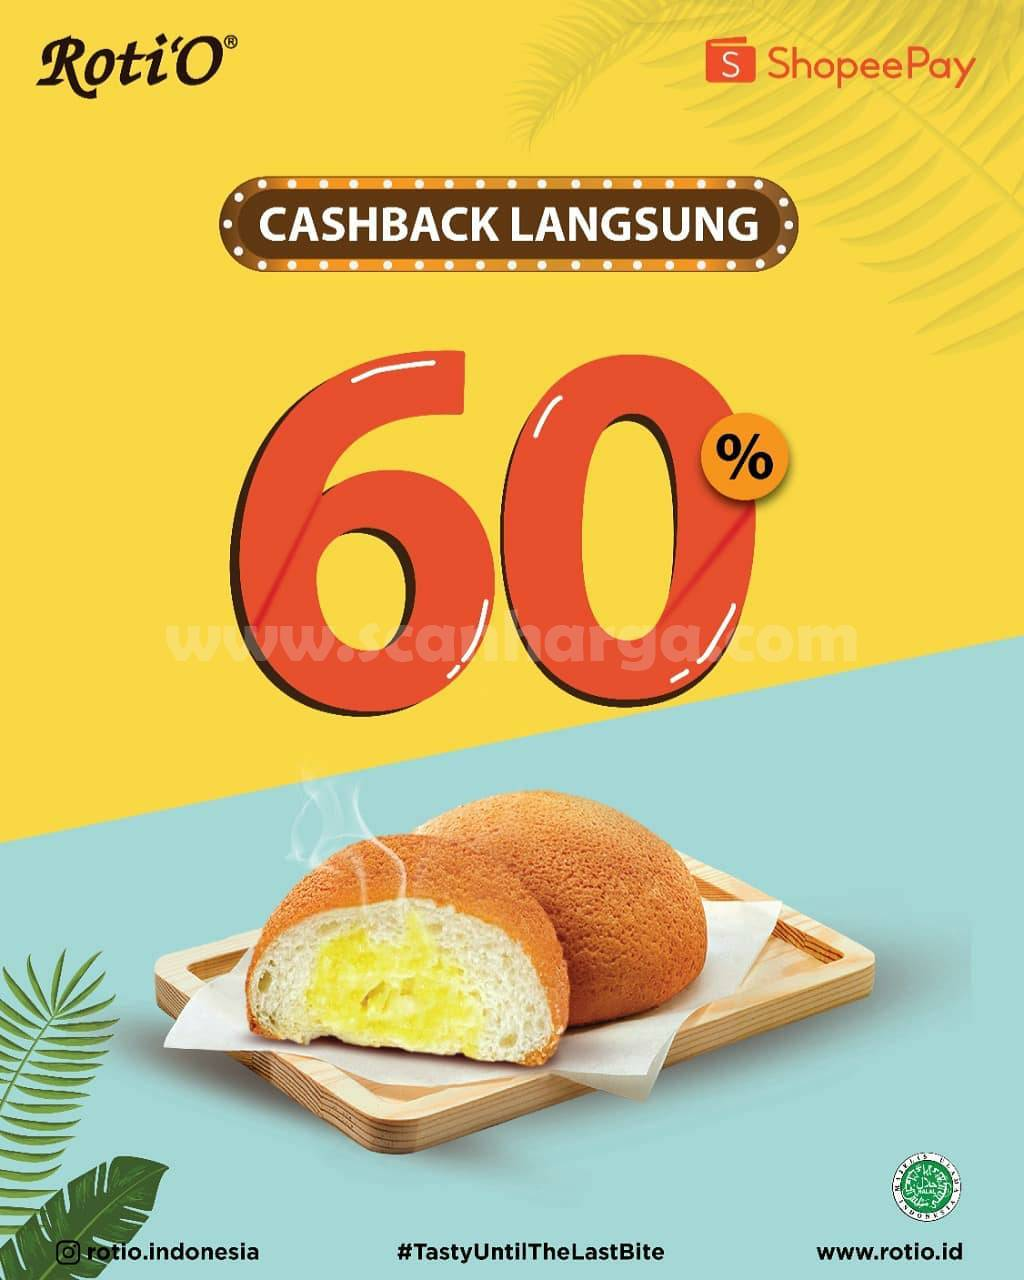 Promo Roti'O Cashback 60% pakai ShopeePay